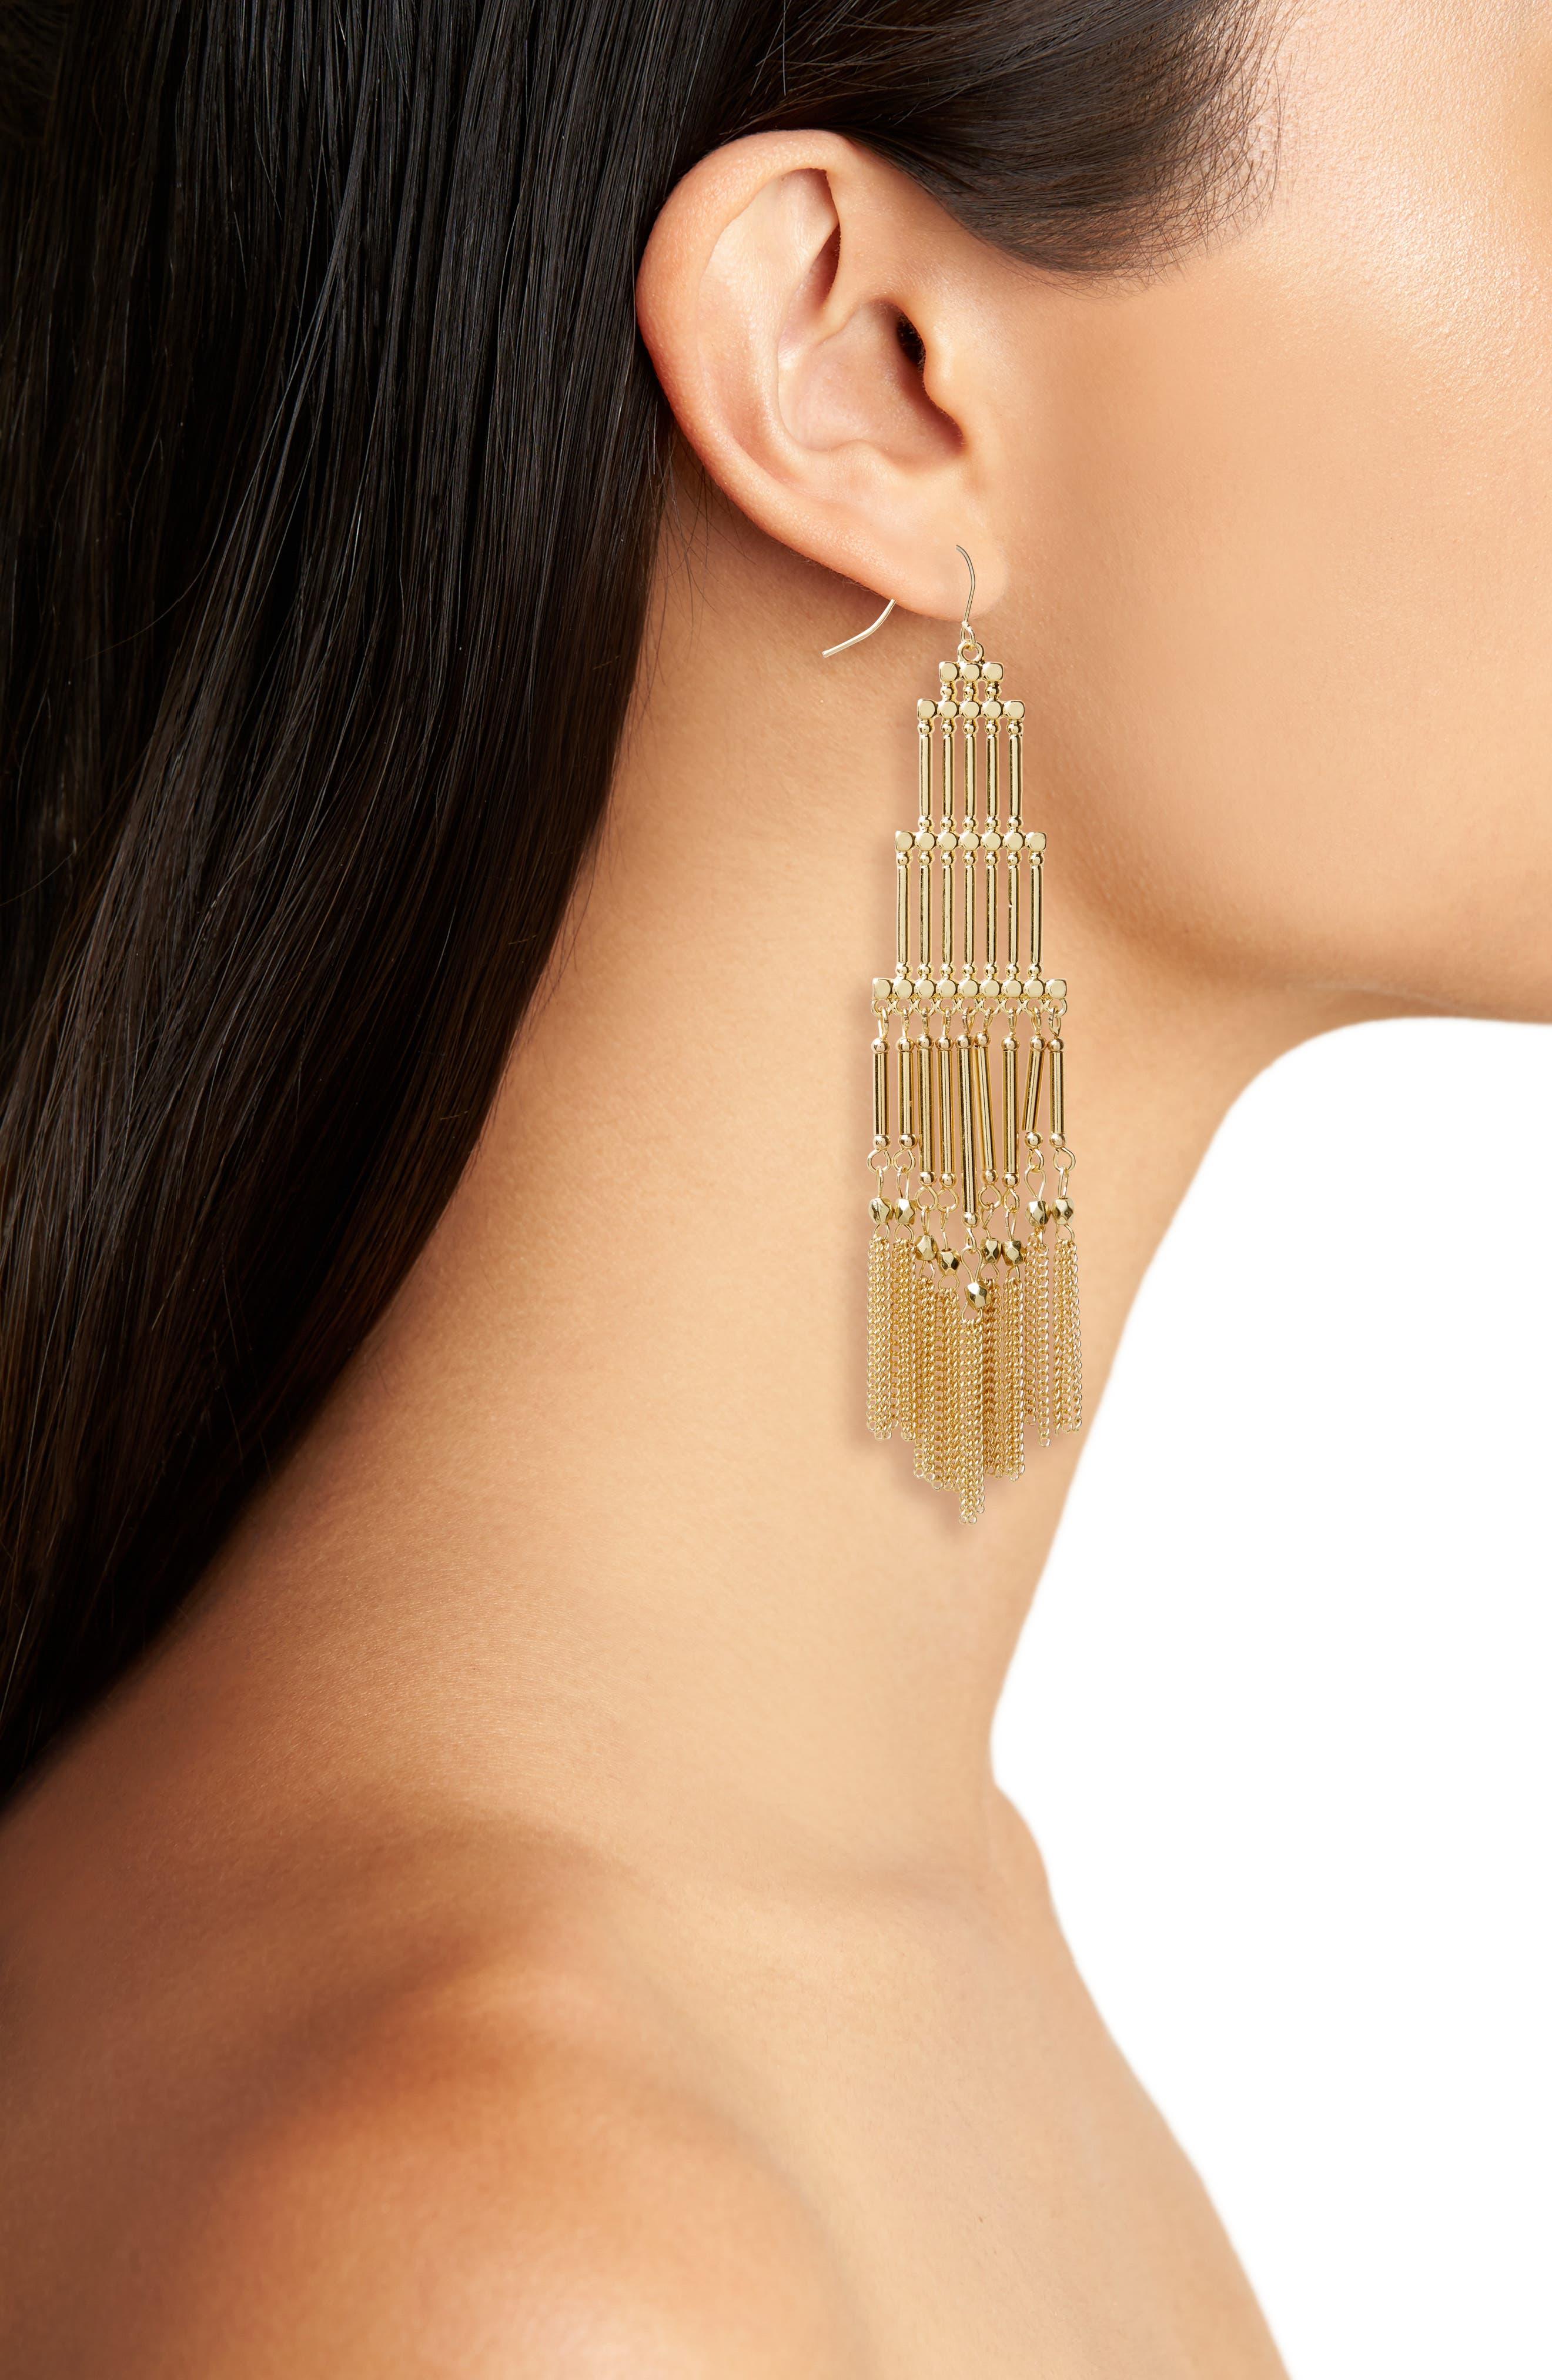 Boho Beaded Fringe Earrings,                             Alternate thumbnail 2, color,                             710